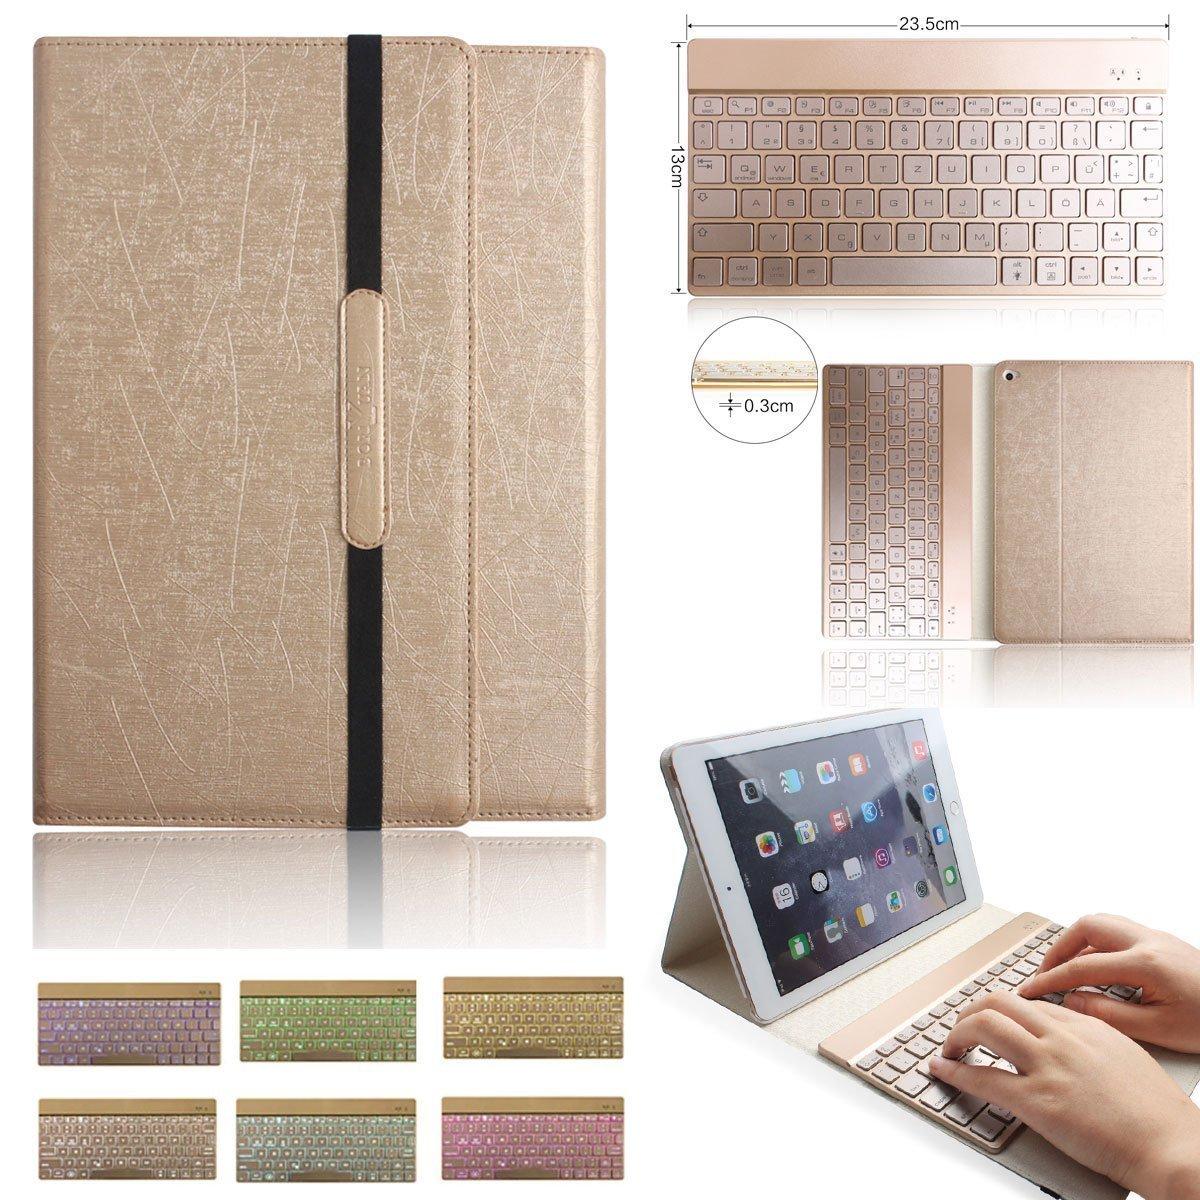 Amazon: Ipad Pro 9.7 Bluetooth Leder Hülle Case mit Tastatur (Farbe: gold) für 43,99€